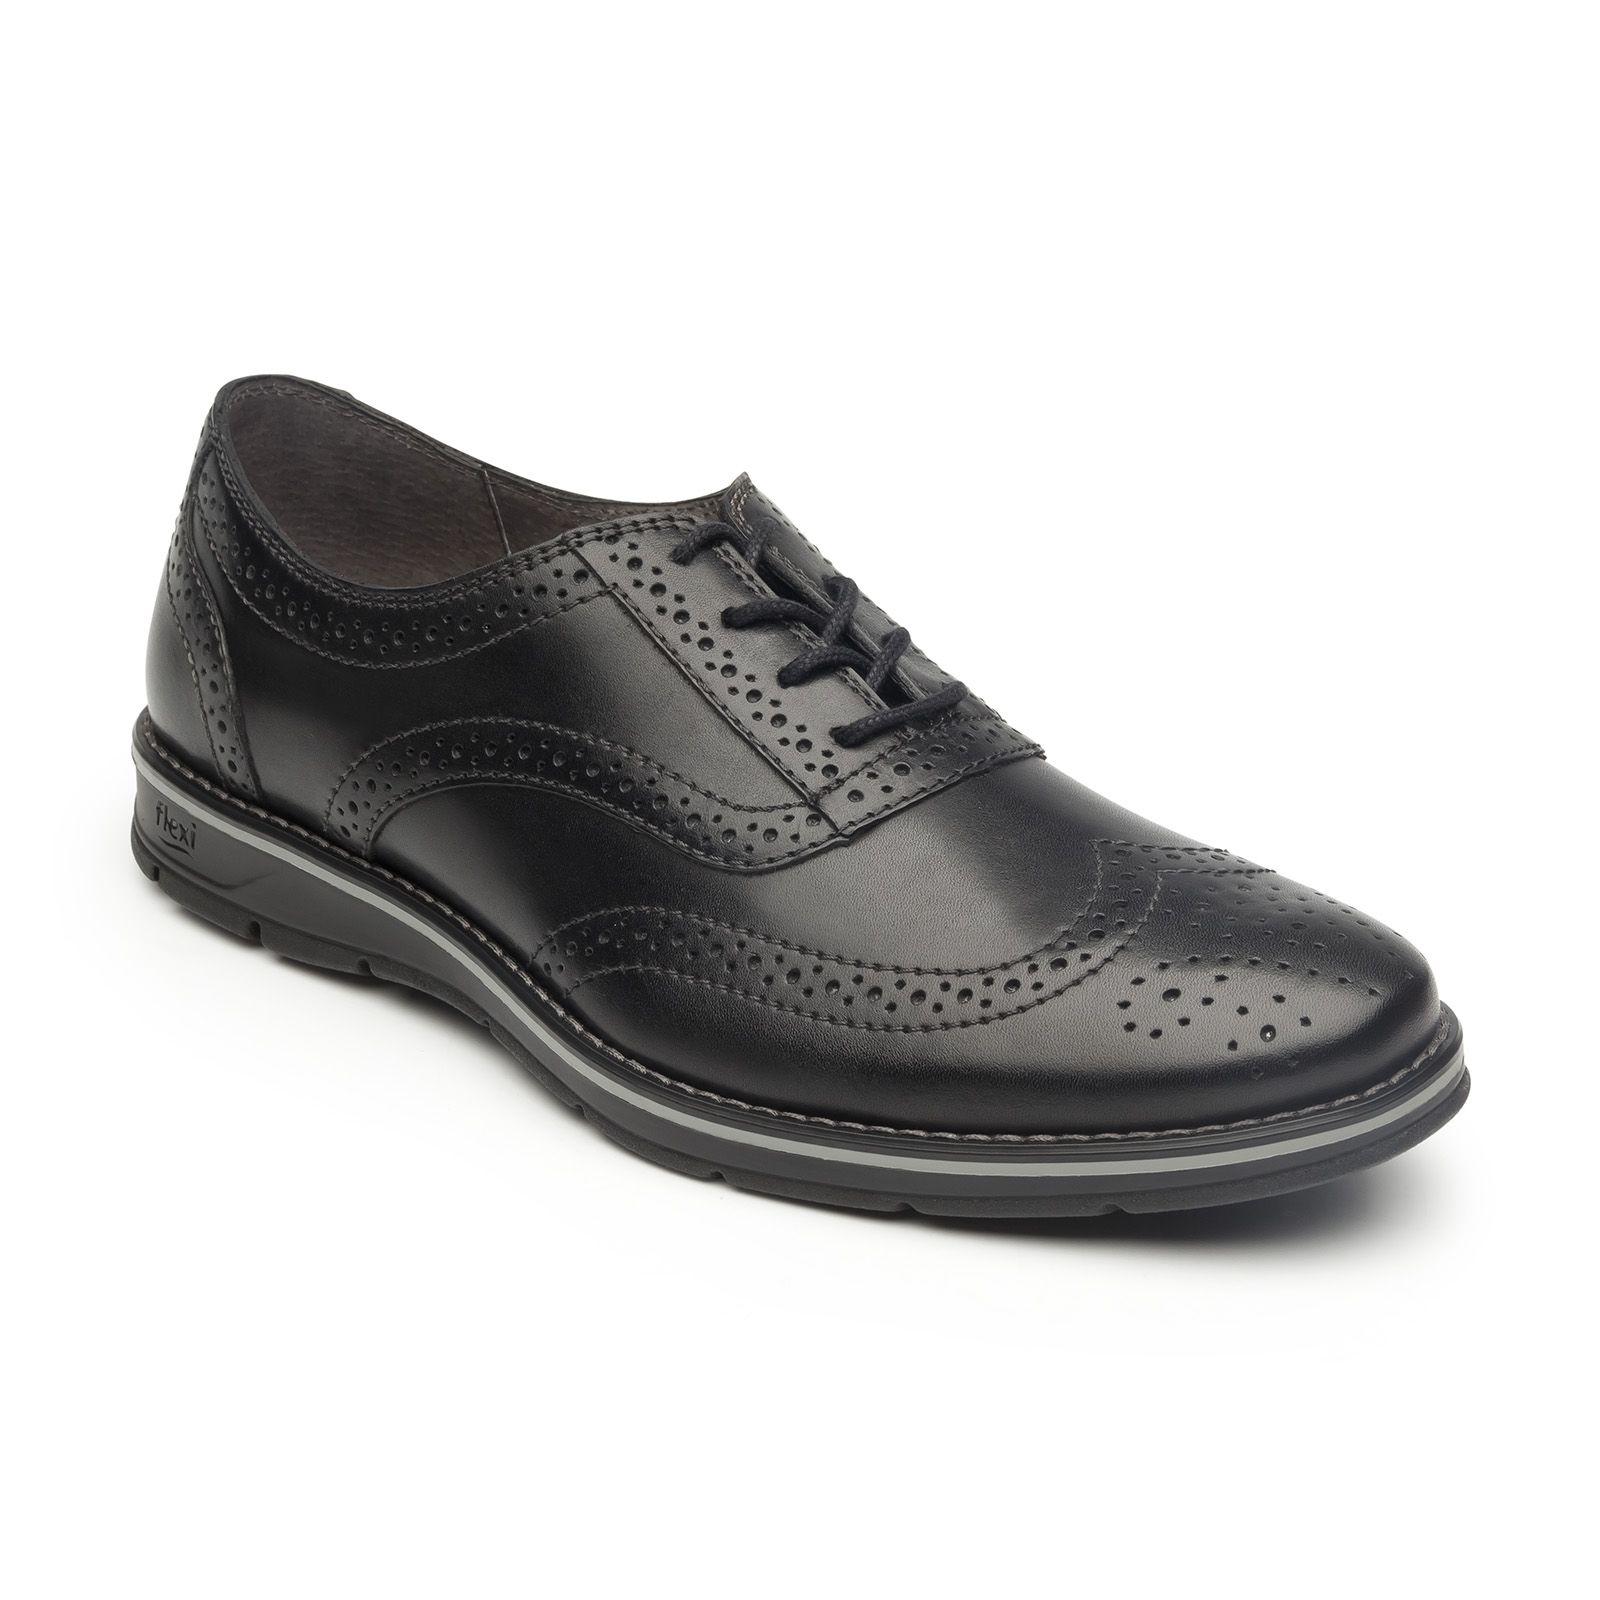 MODELOS Zapatos DE Zapatos MODELOS FLEXI PARA HOMBRE Modelos de Zapatos 11f320